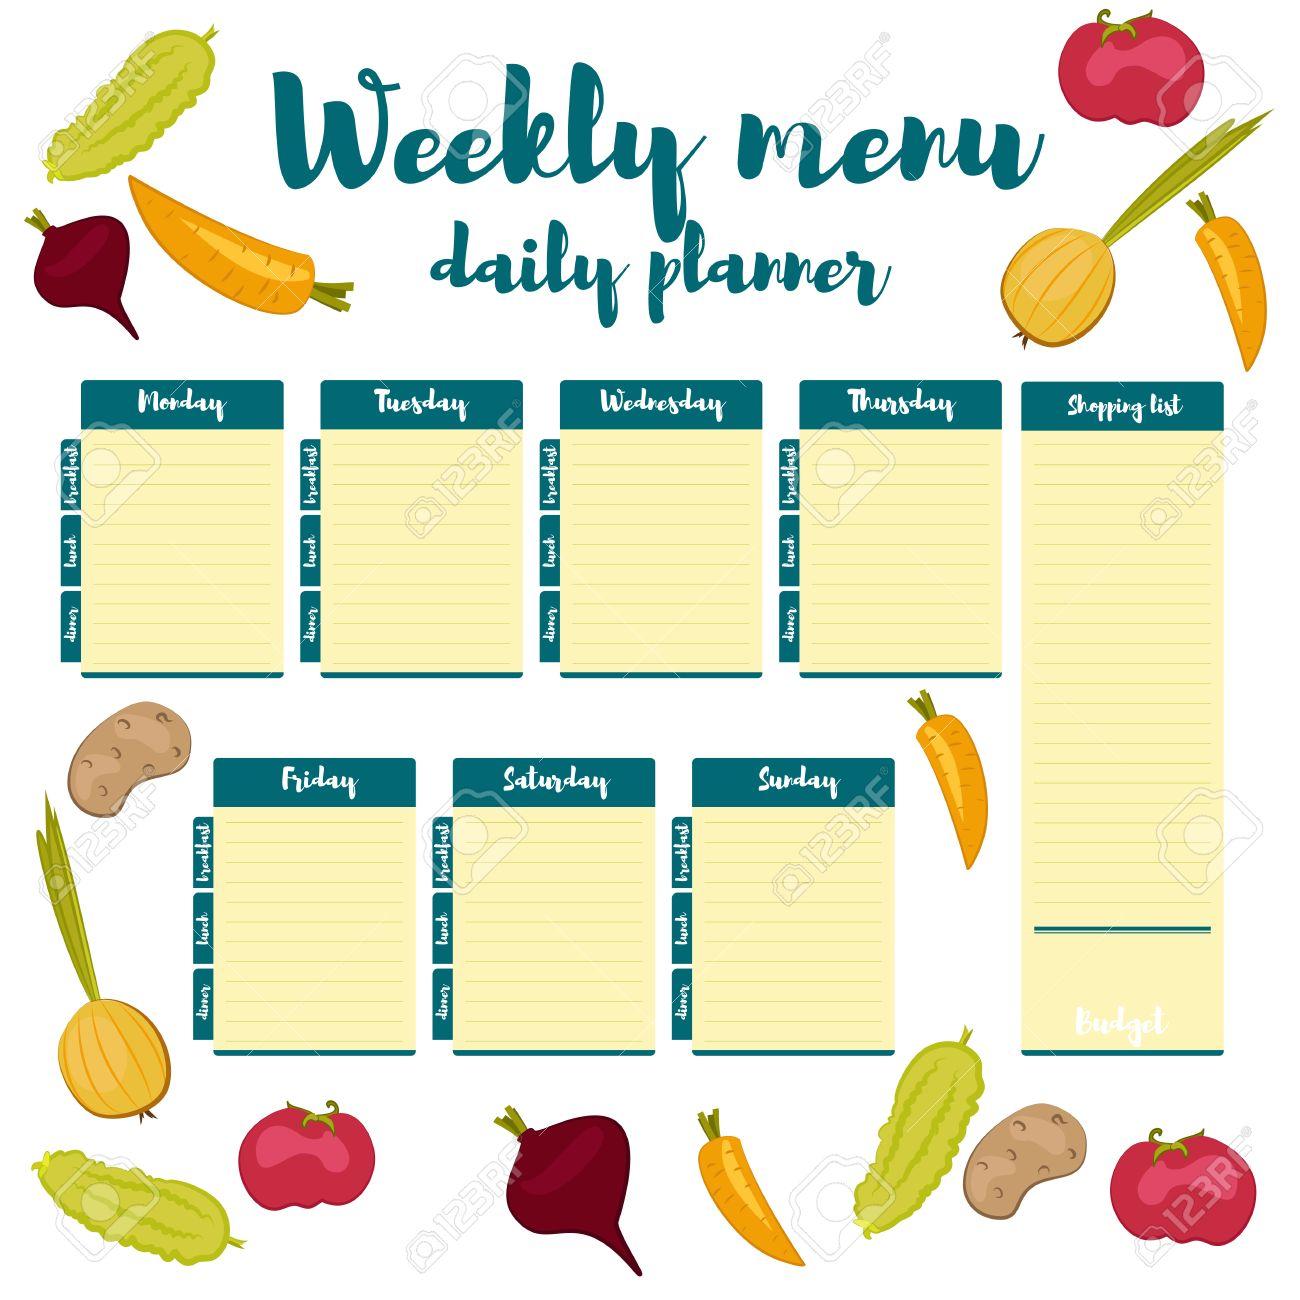 Blaue Farbe Frisch Papier Hinweis Woche Eine Gesunde Ernährung Von ...